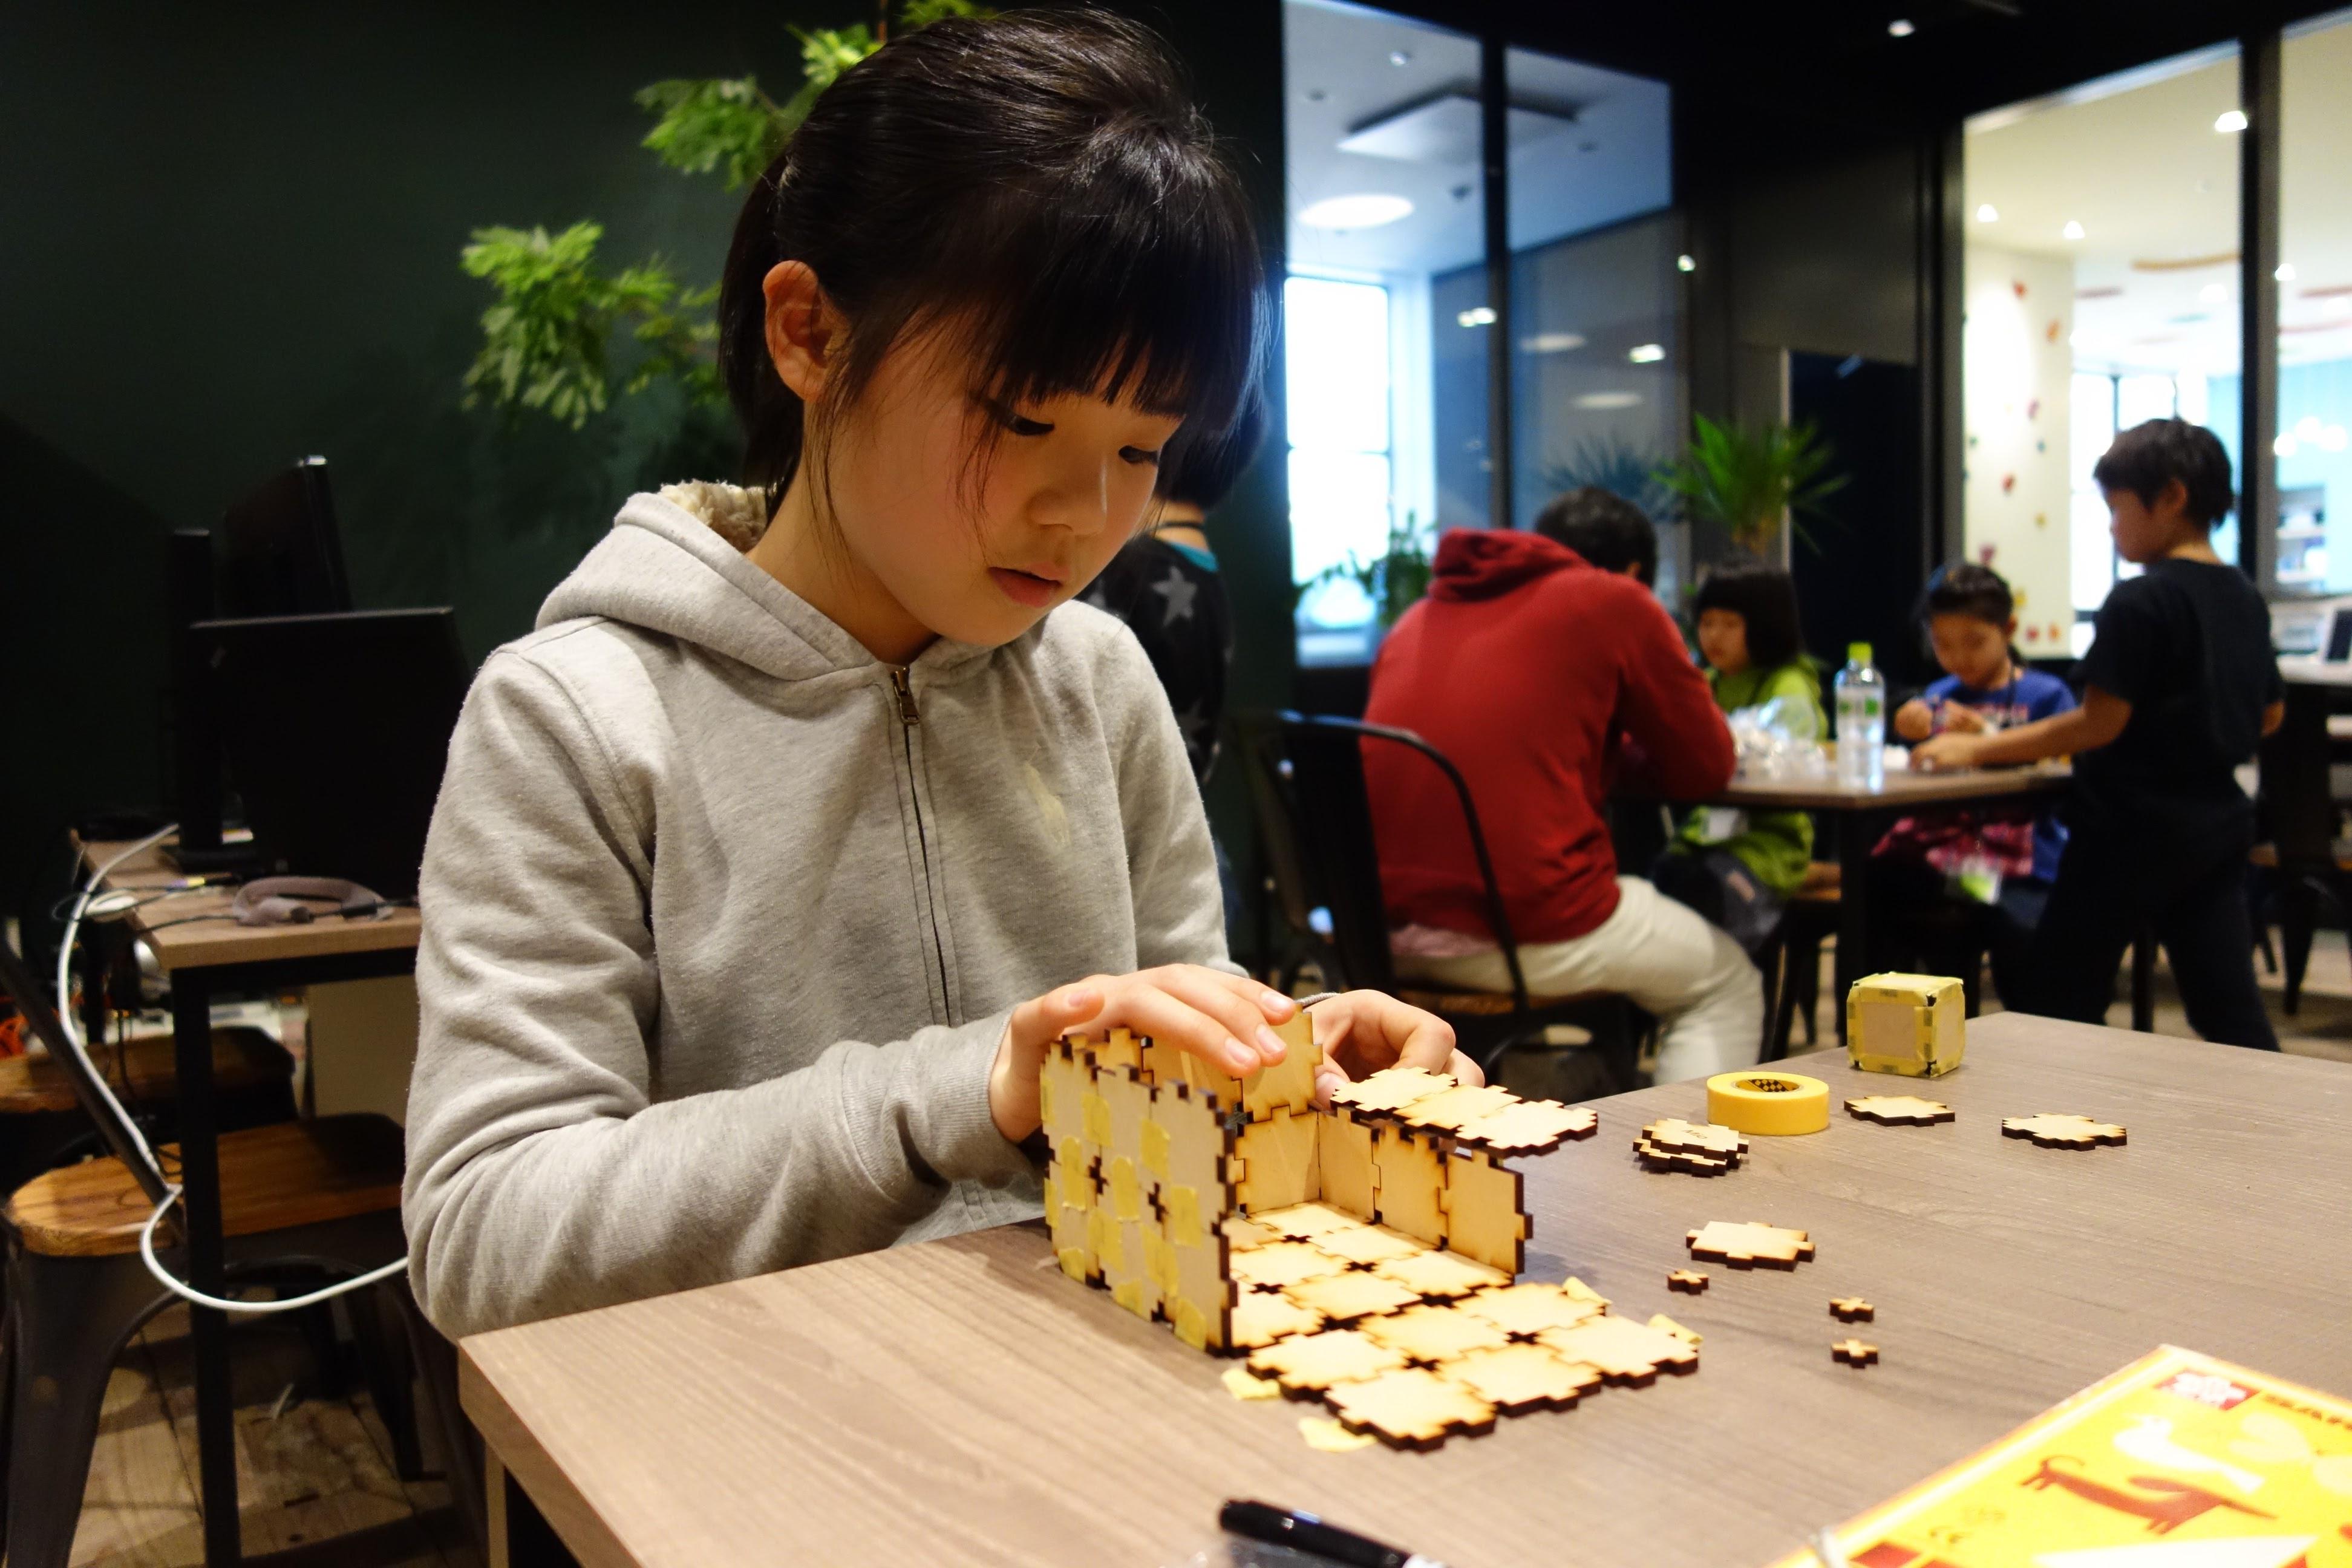 (日本語) 【満席】2月11日(土)・26日(日)にプログラミングや工作を体験できる「オープンスクール」を開催します